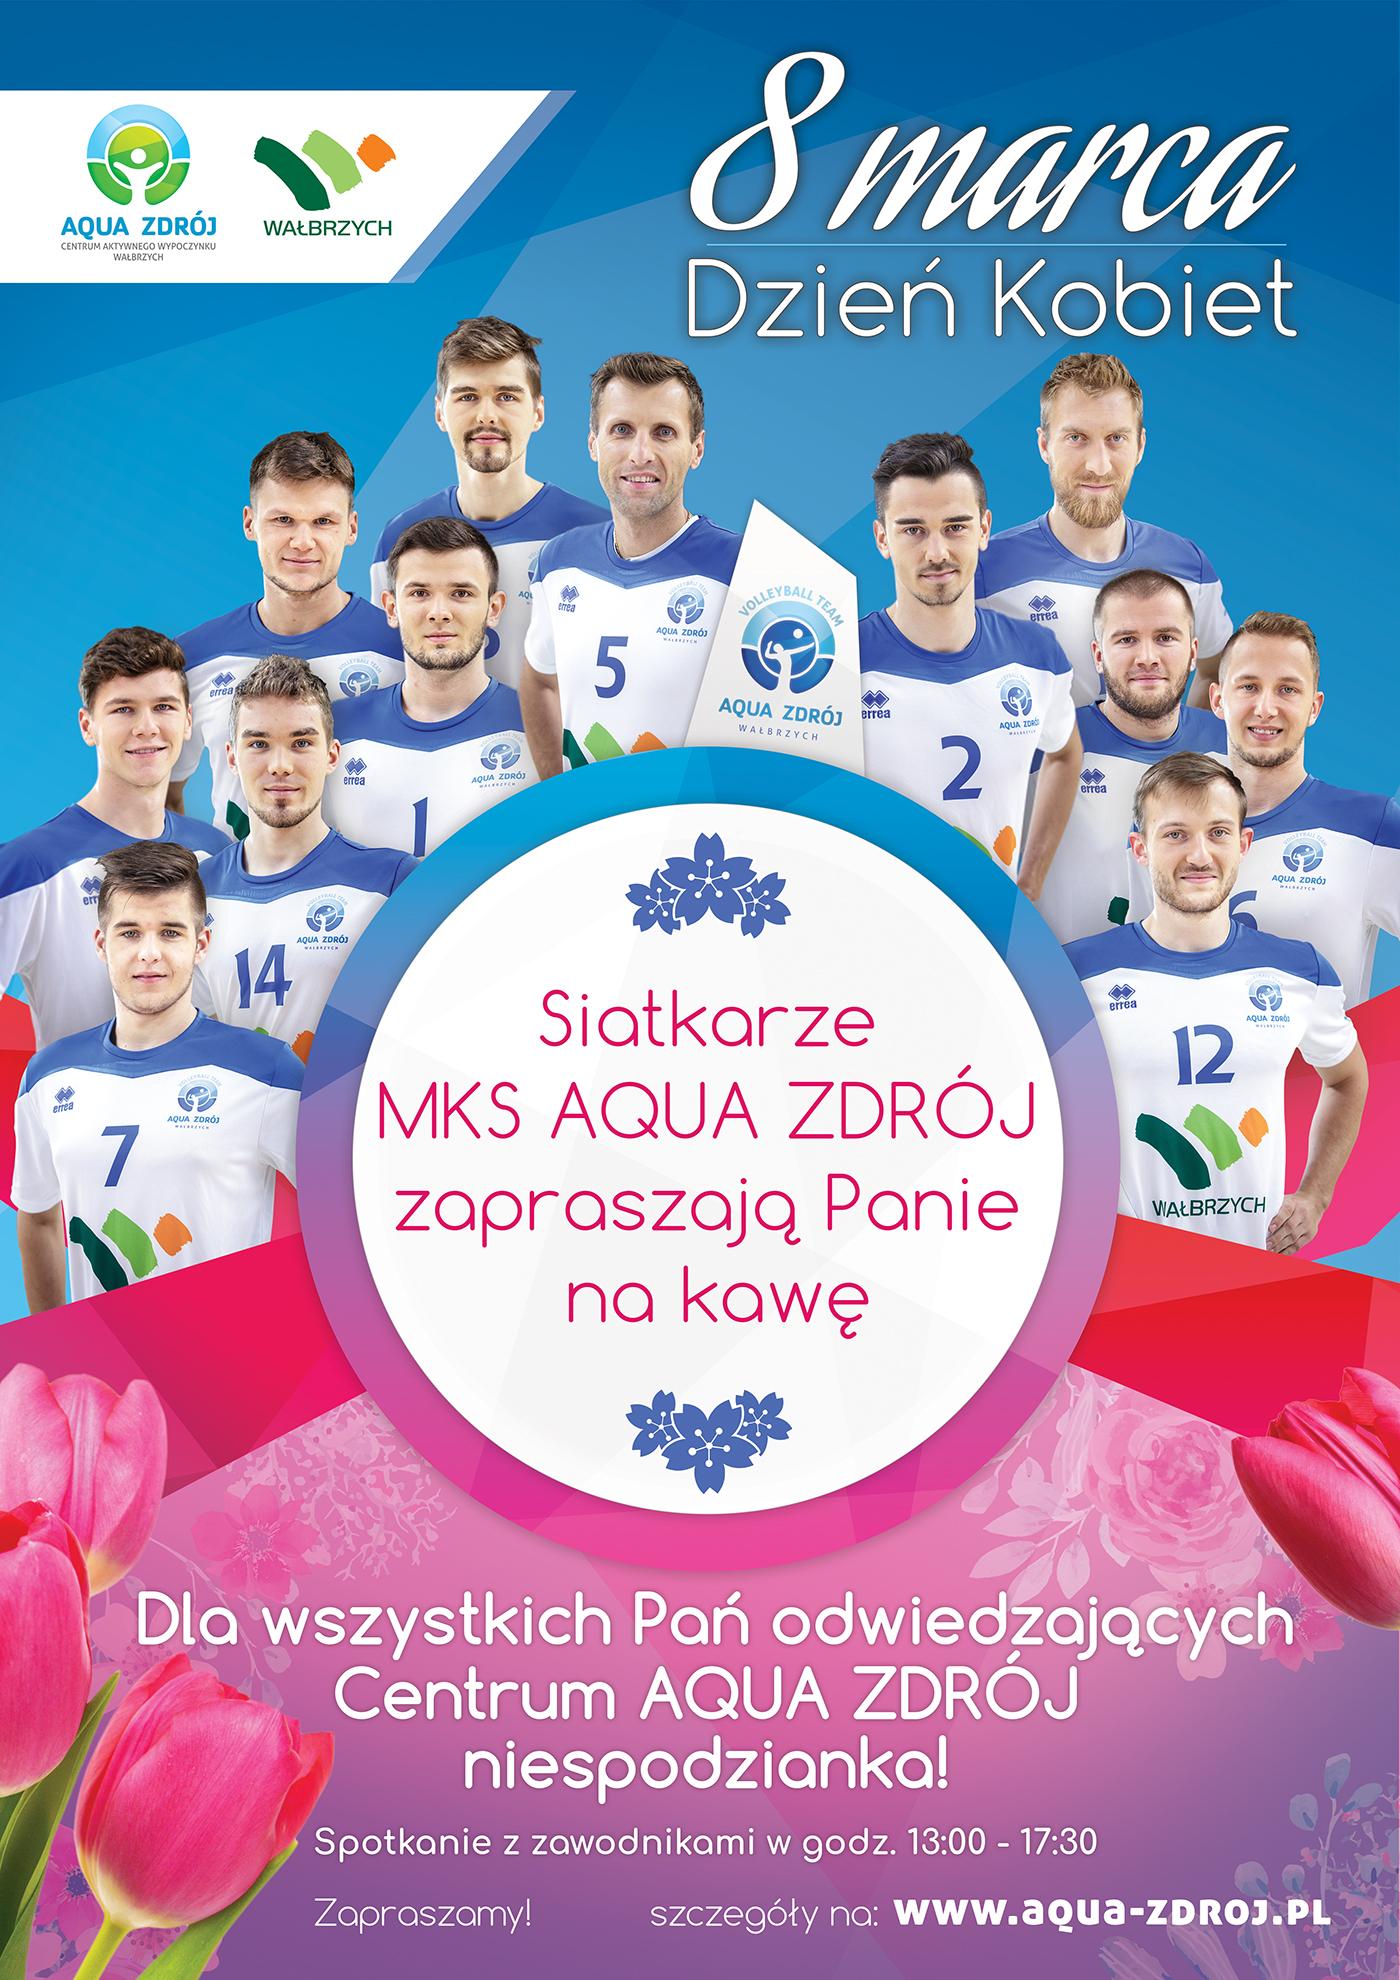 plakat_dzien_kobiet